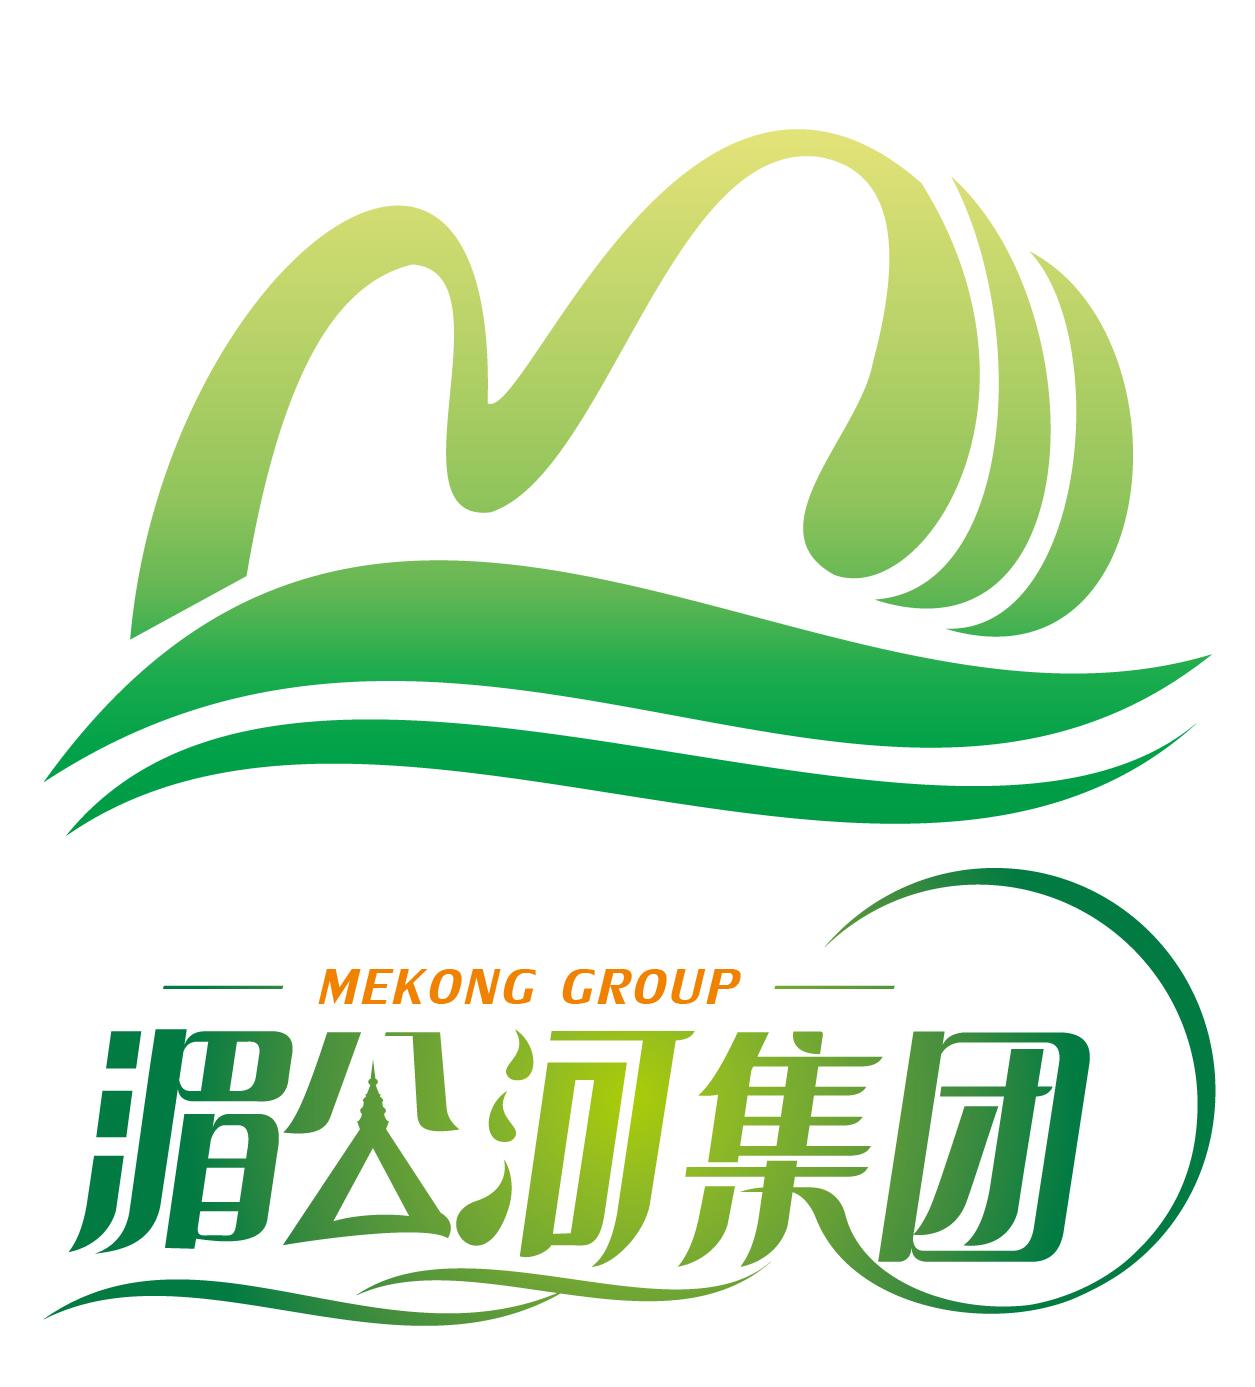 云南湄公河集团有限公司